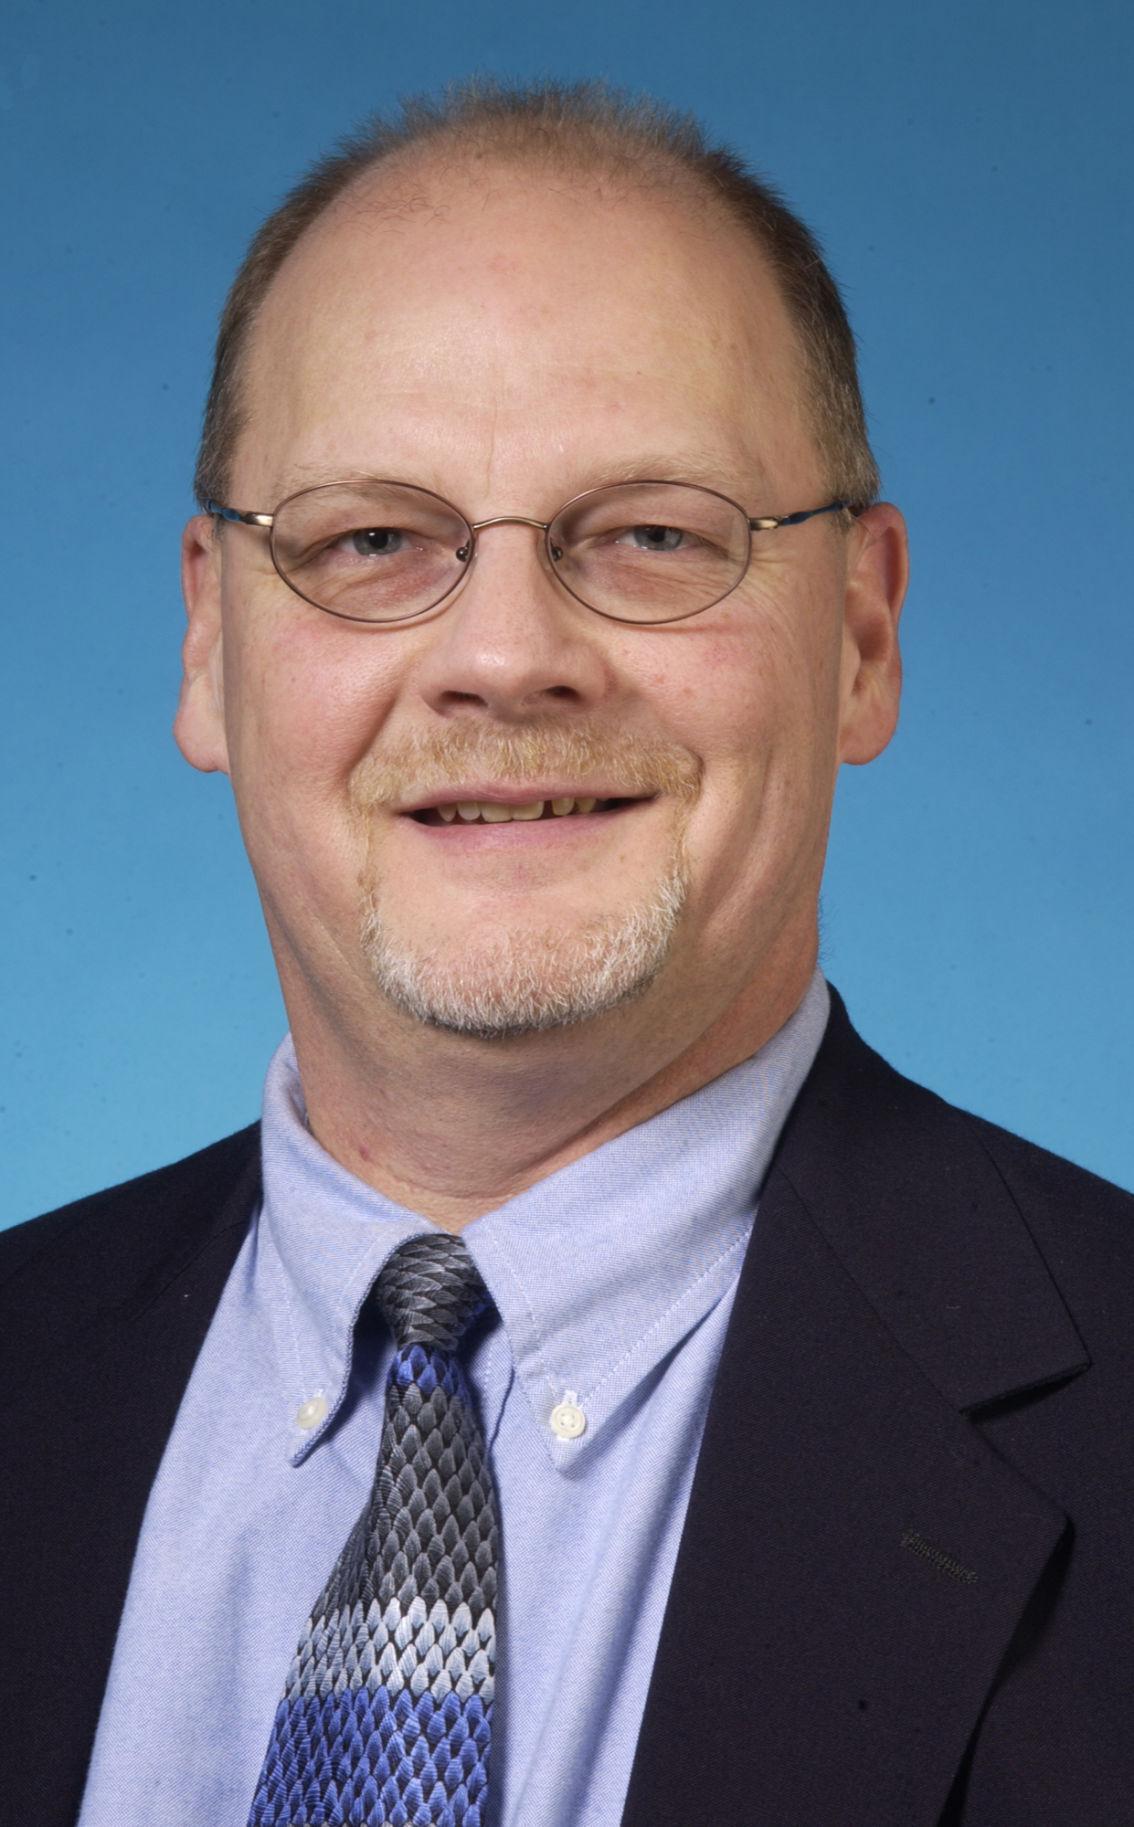 John Wisch